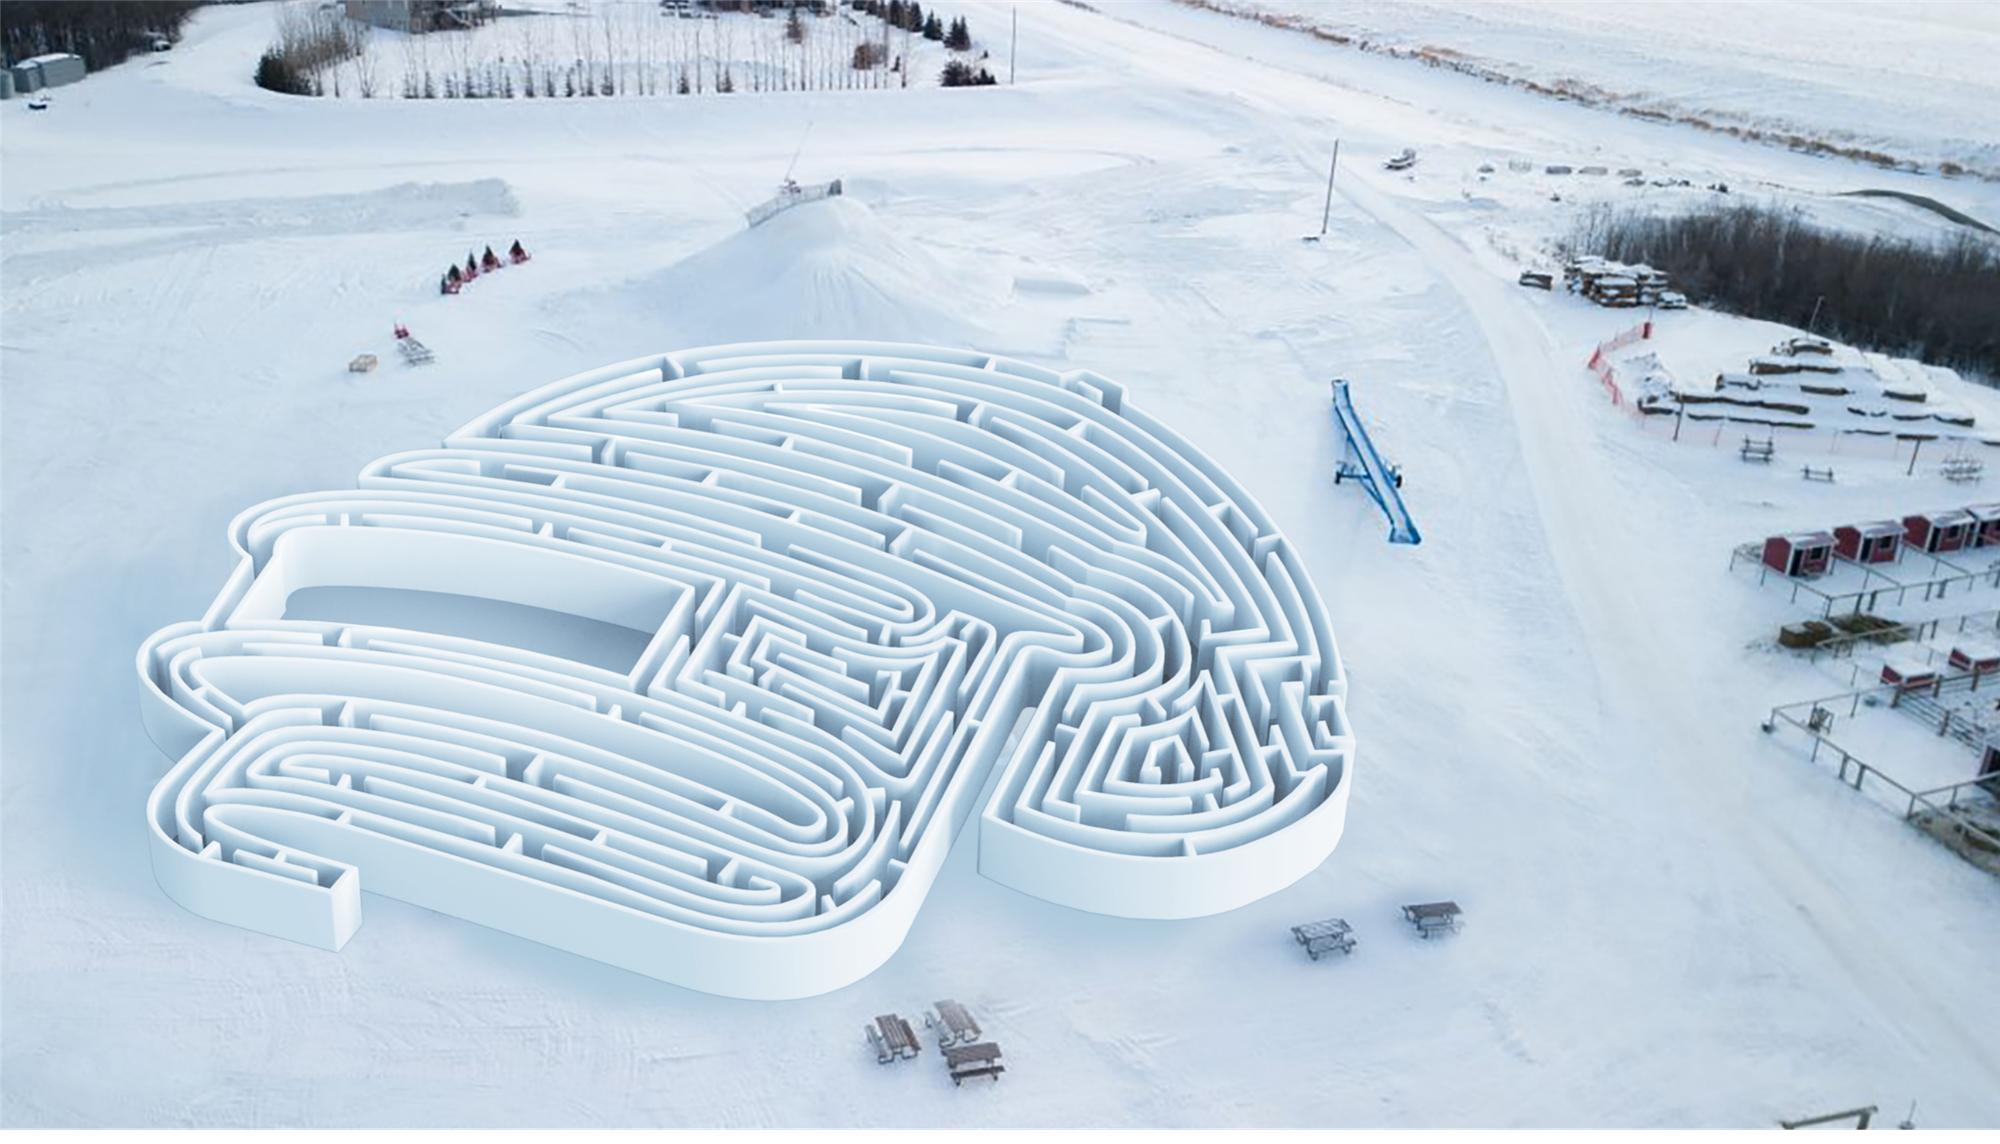 《和平精英》携手哈尔滨松花江冰雪嘉年华打造冬日冰雪盛典